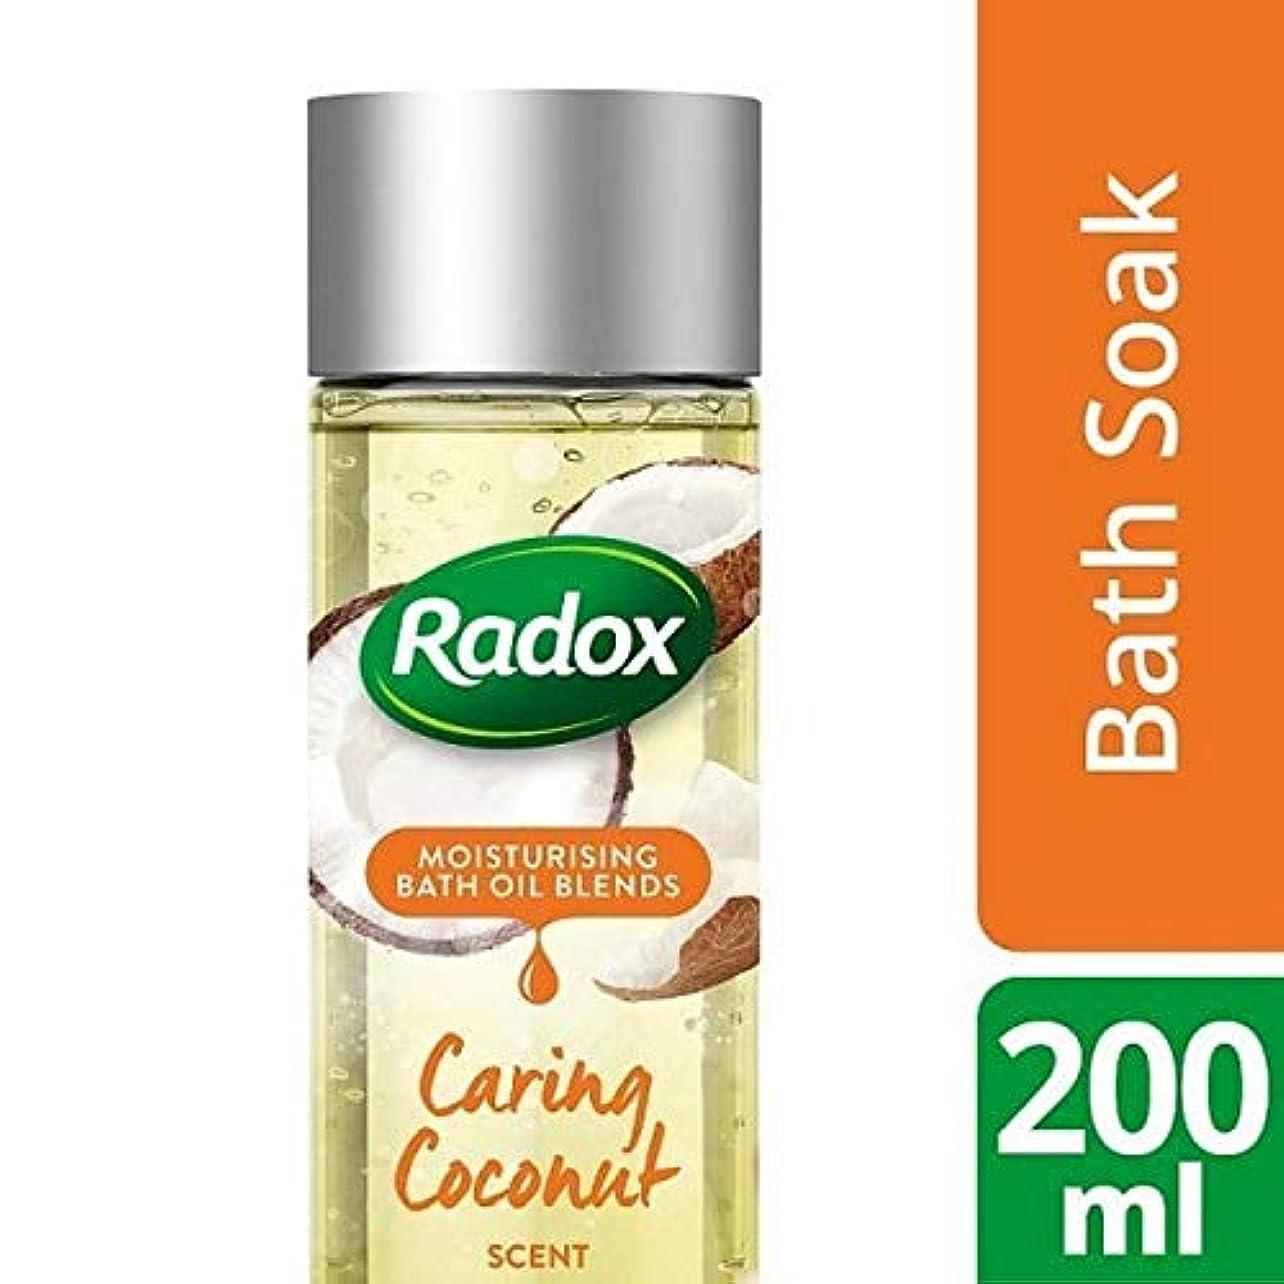 滅びる報復悪化させる[Radox] Radoxのバスオイル思いやりのあるココナッツの香りの200ミリリットル - Radox Bath Oil Caring Coconut Scent 200ml [並行輸入品]